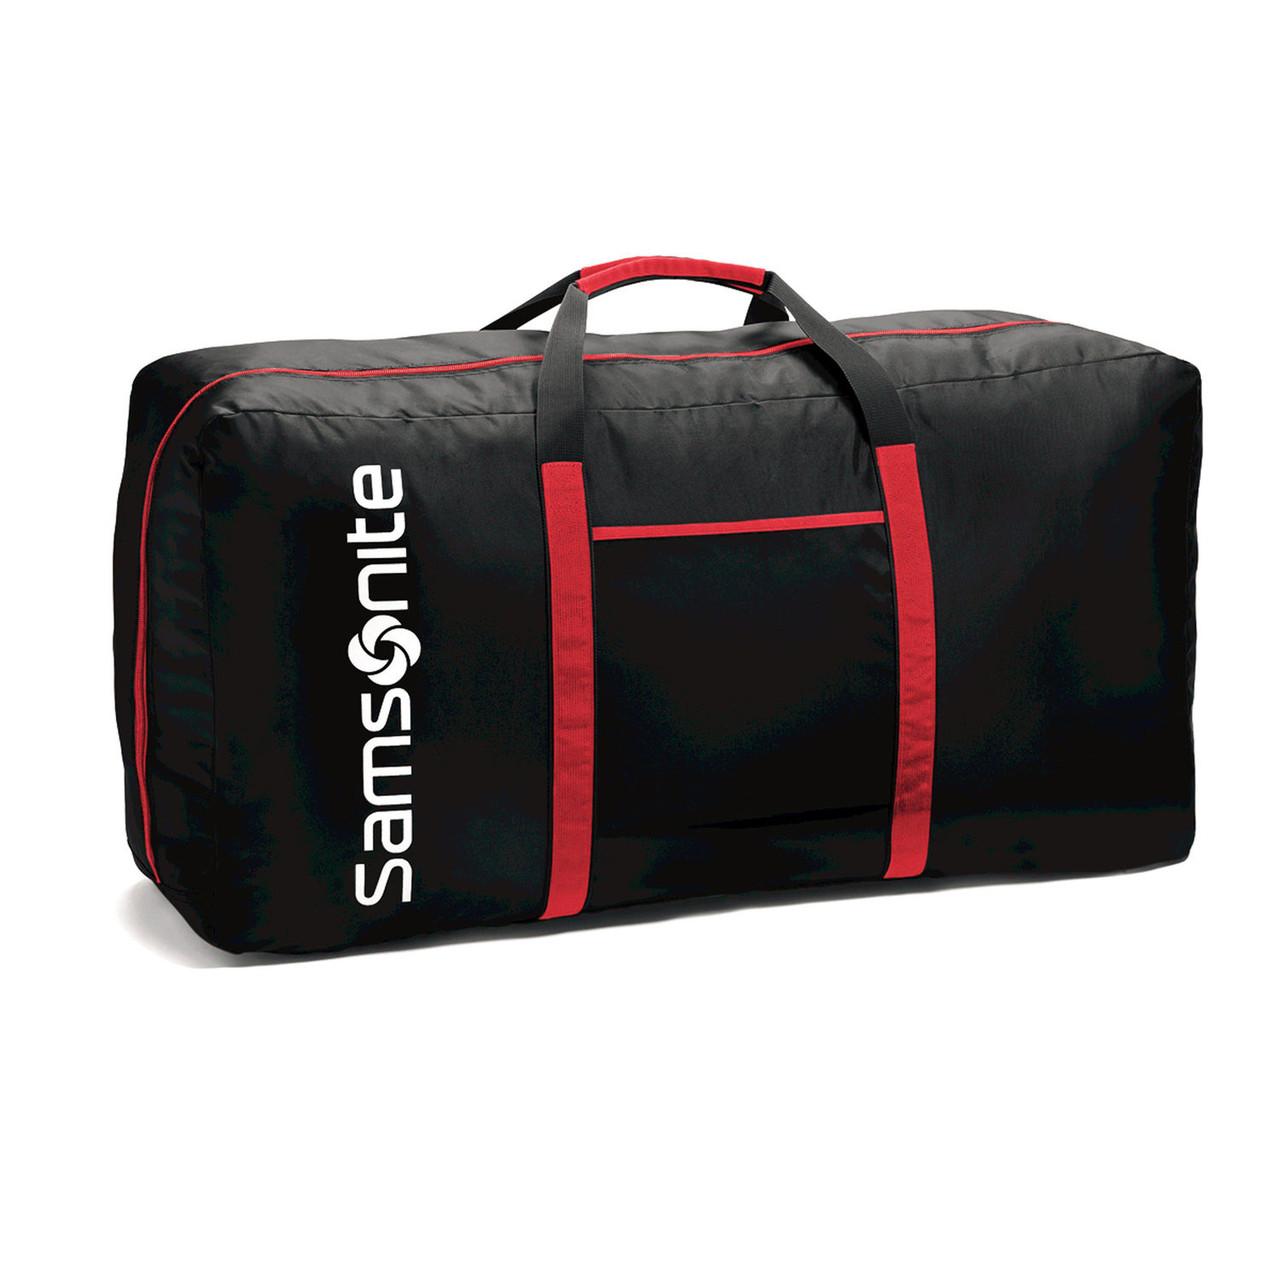 cd246a240bb1 Очень большая (105 л) и легкая (400 грамм) дорожная сумка Samsonite Tote